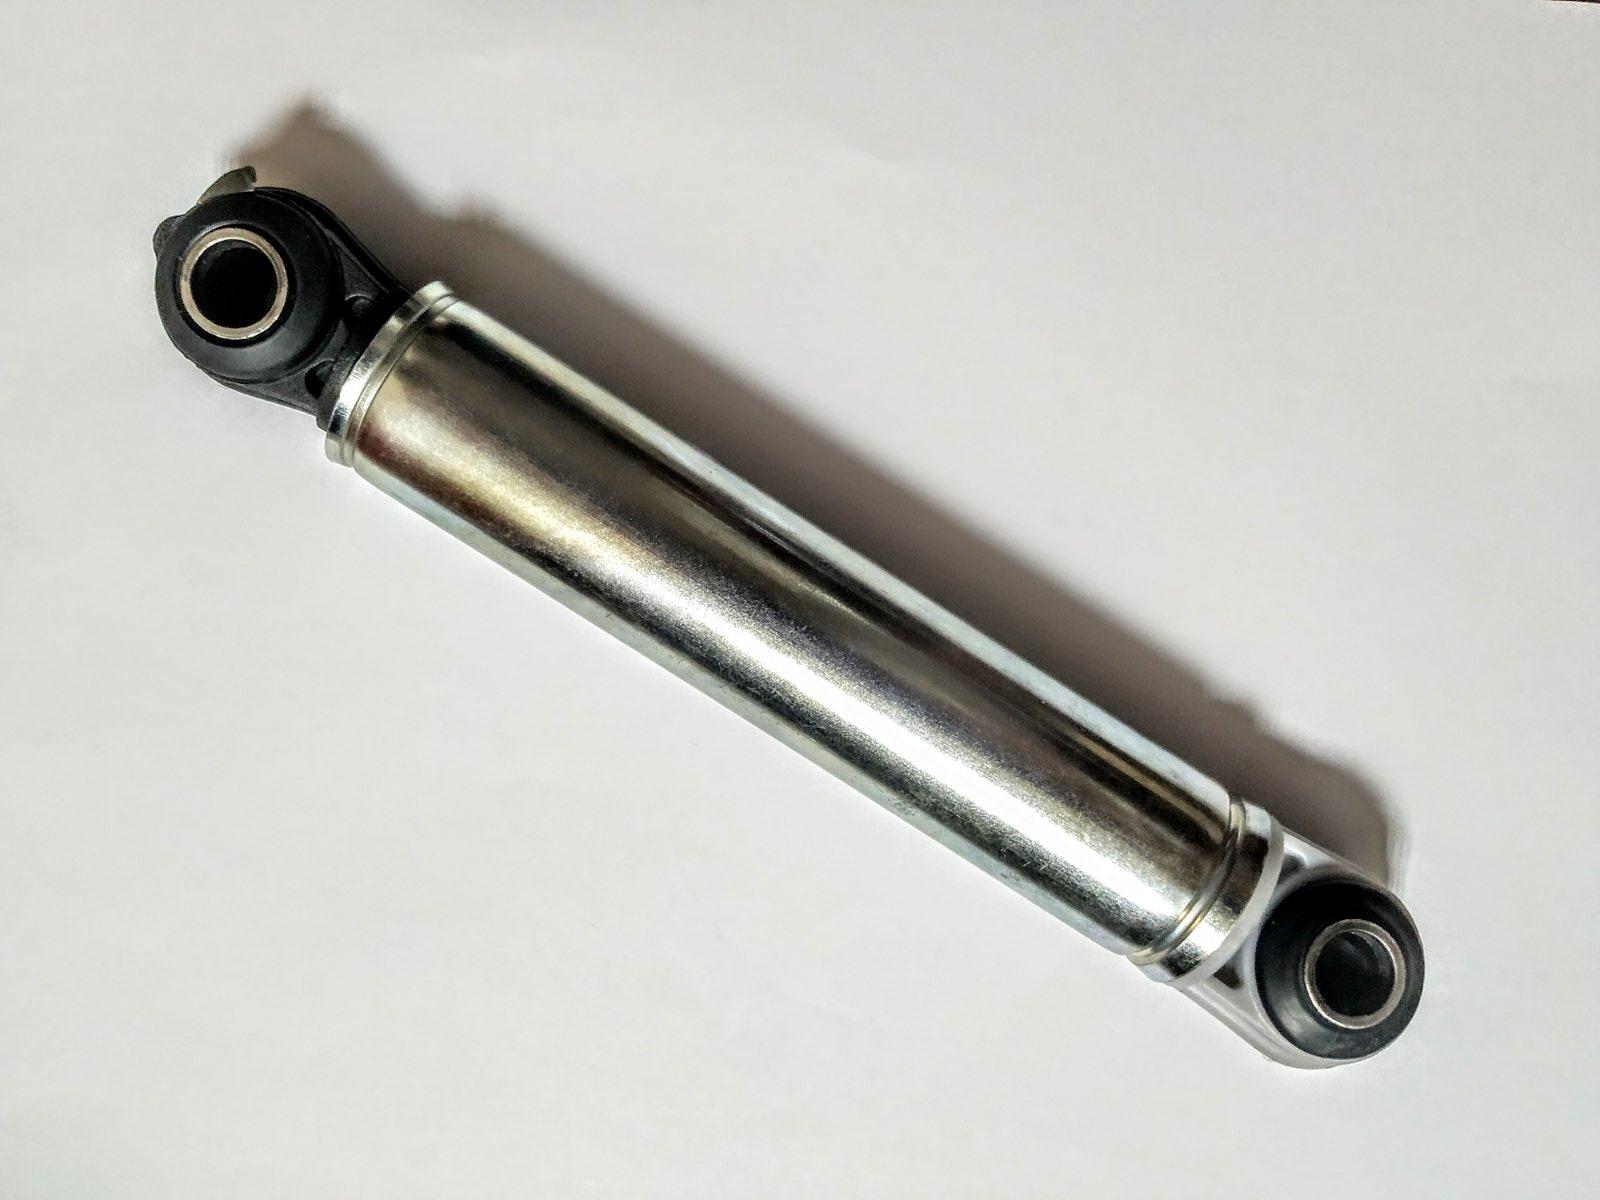 Амортизатор для стиральной машины универсальный 31014